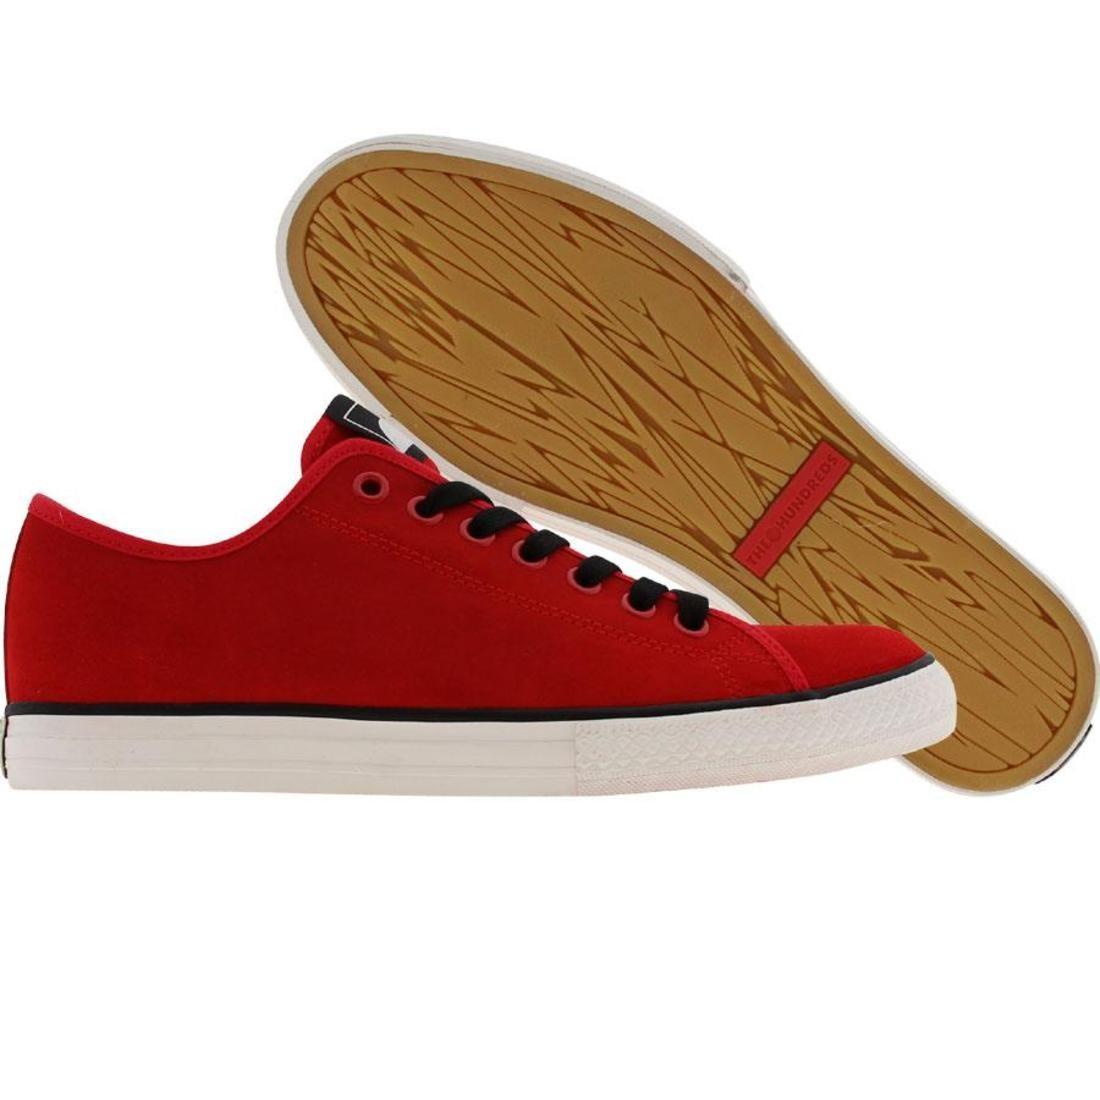 【海外限定】スニーカー メンズ靴 【 THE HUNDREDS VALENZUELA LOW RED 】